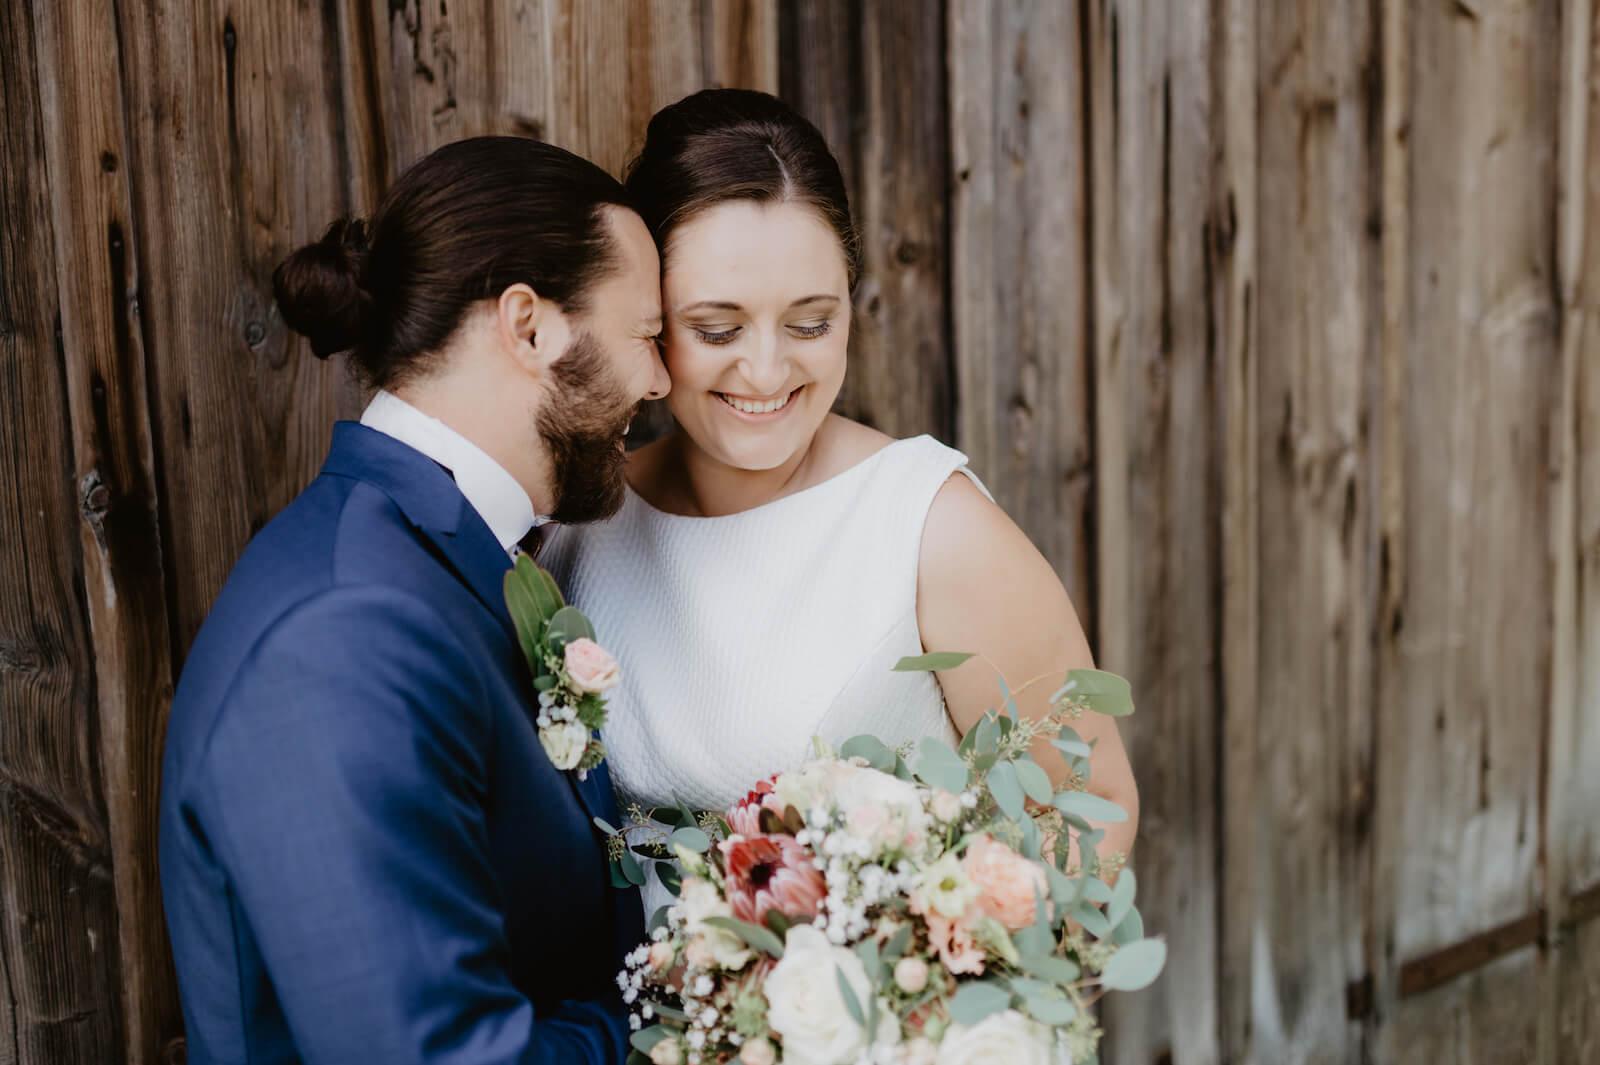 Gartenhochzeit Buchloe - Portrait des glücklichen Brautpaares